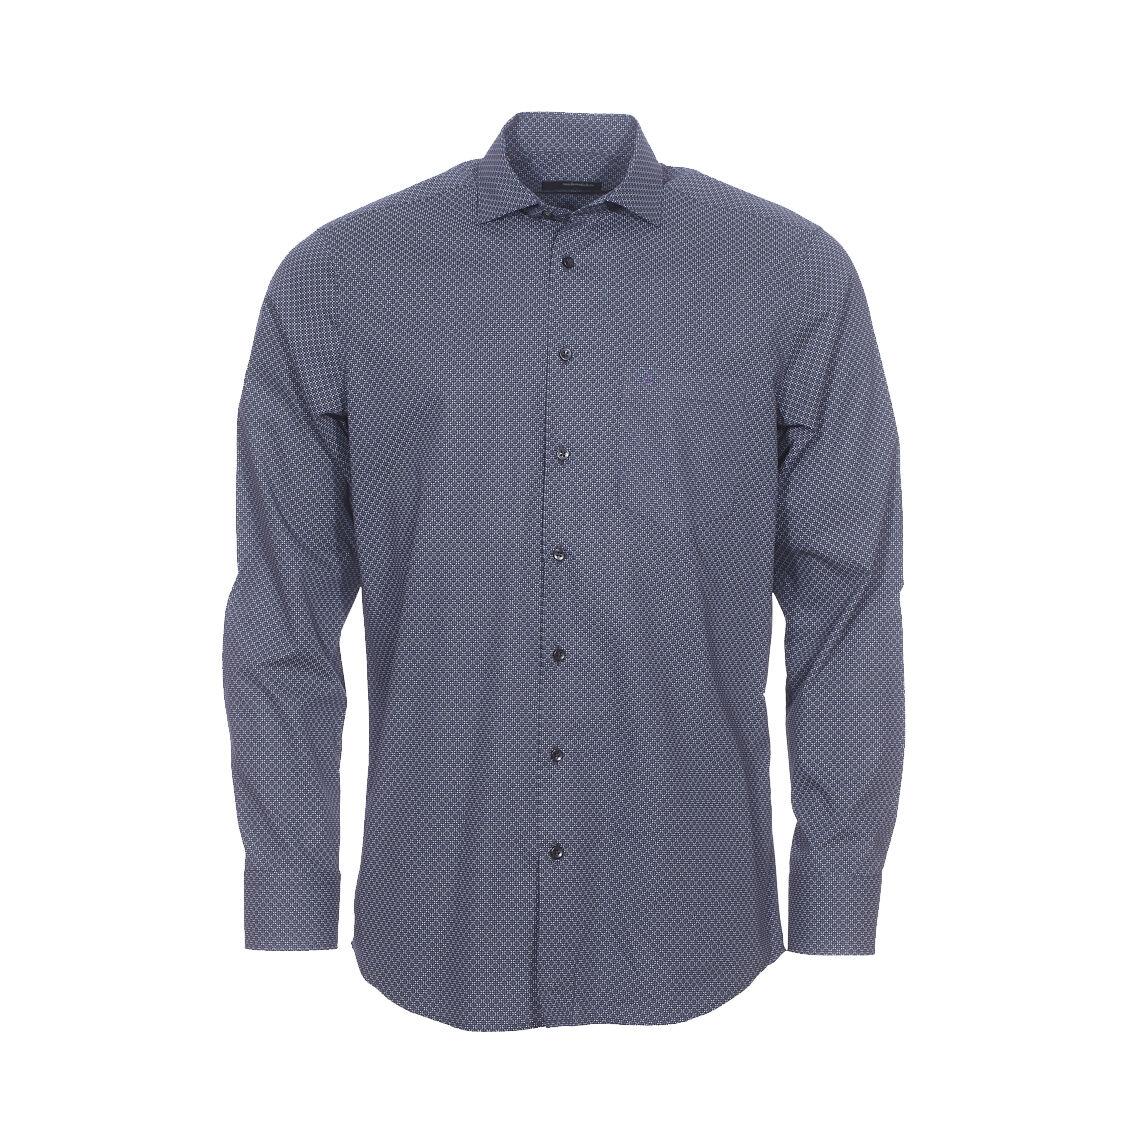 Seidensticker Chemise droite Seidensticker en coton bleu marine à petits carrés blancs et petits motifs gris anthracite - BLEU -